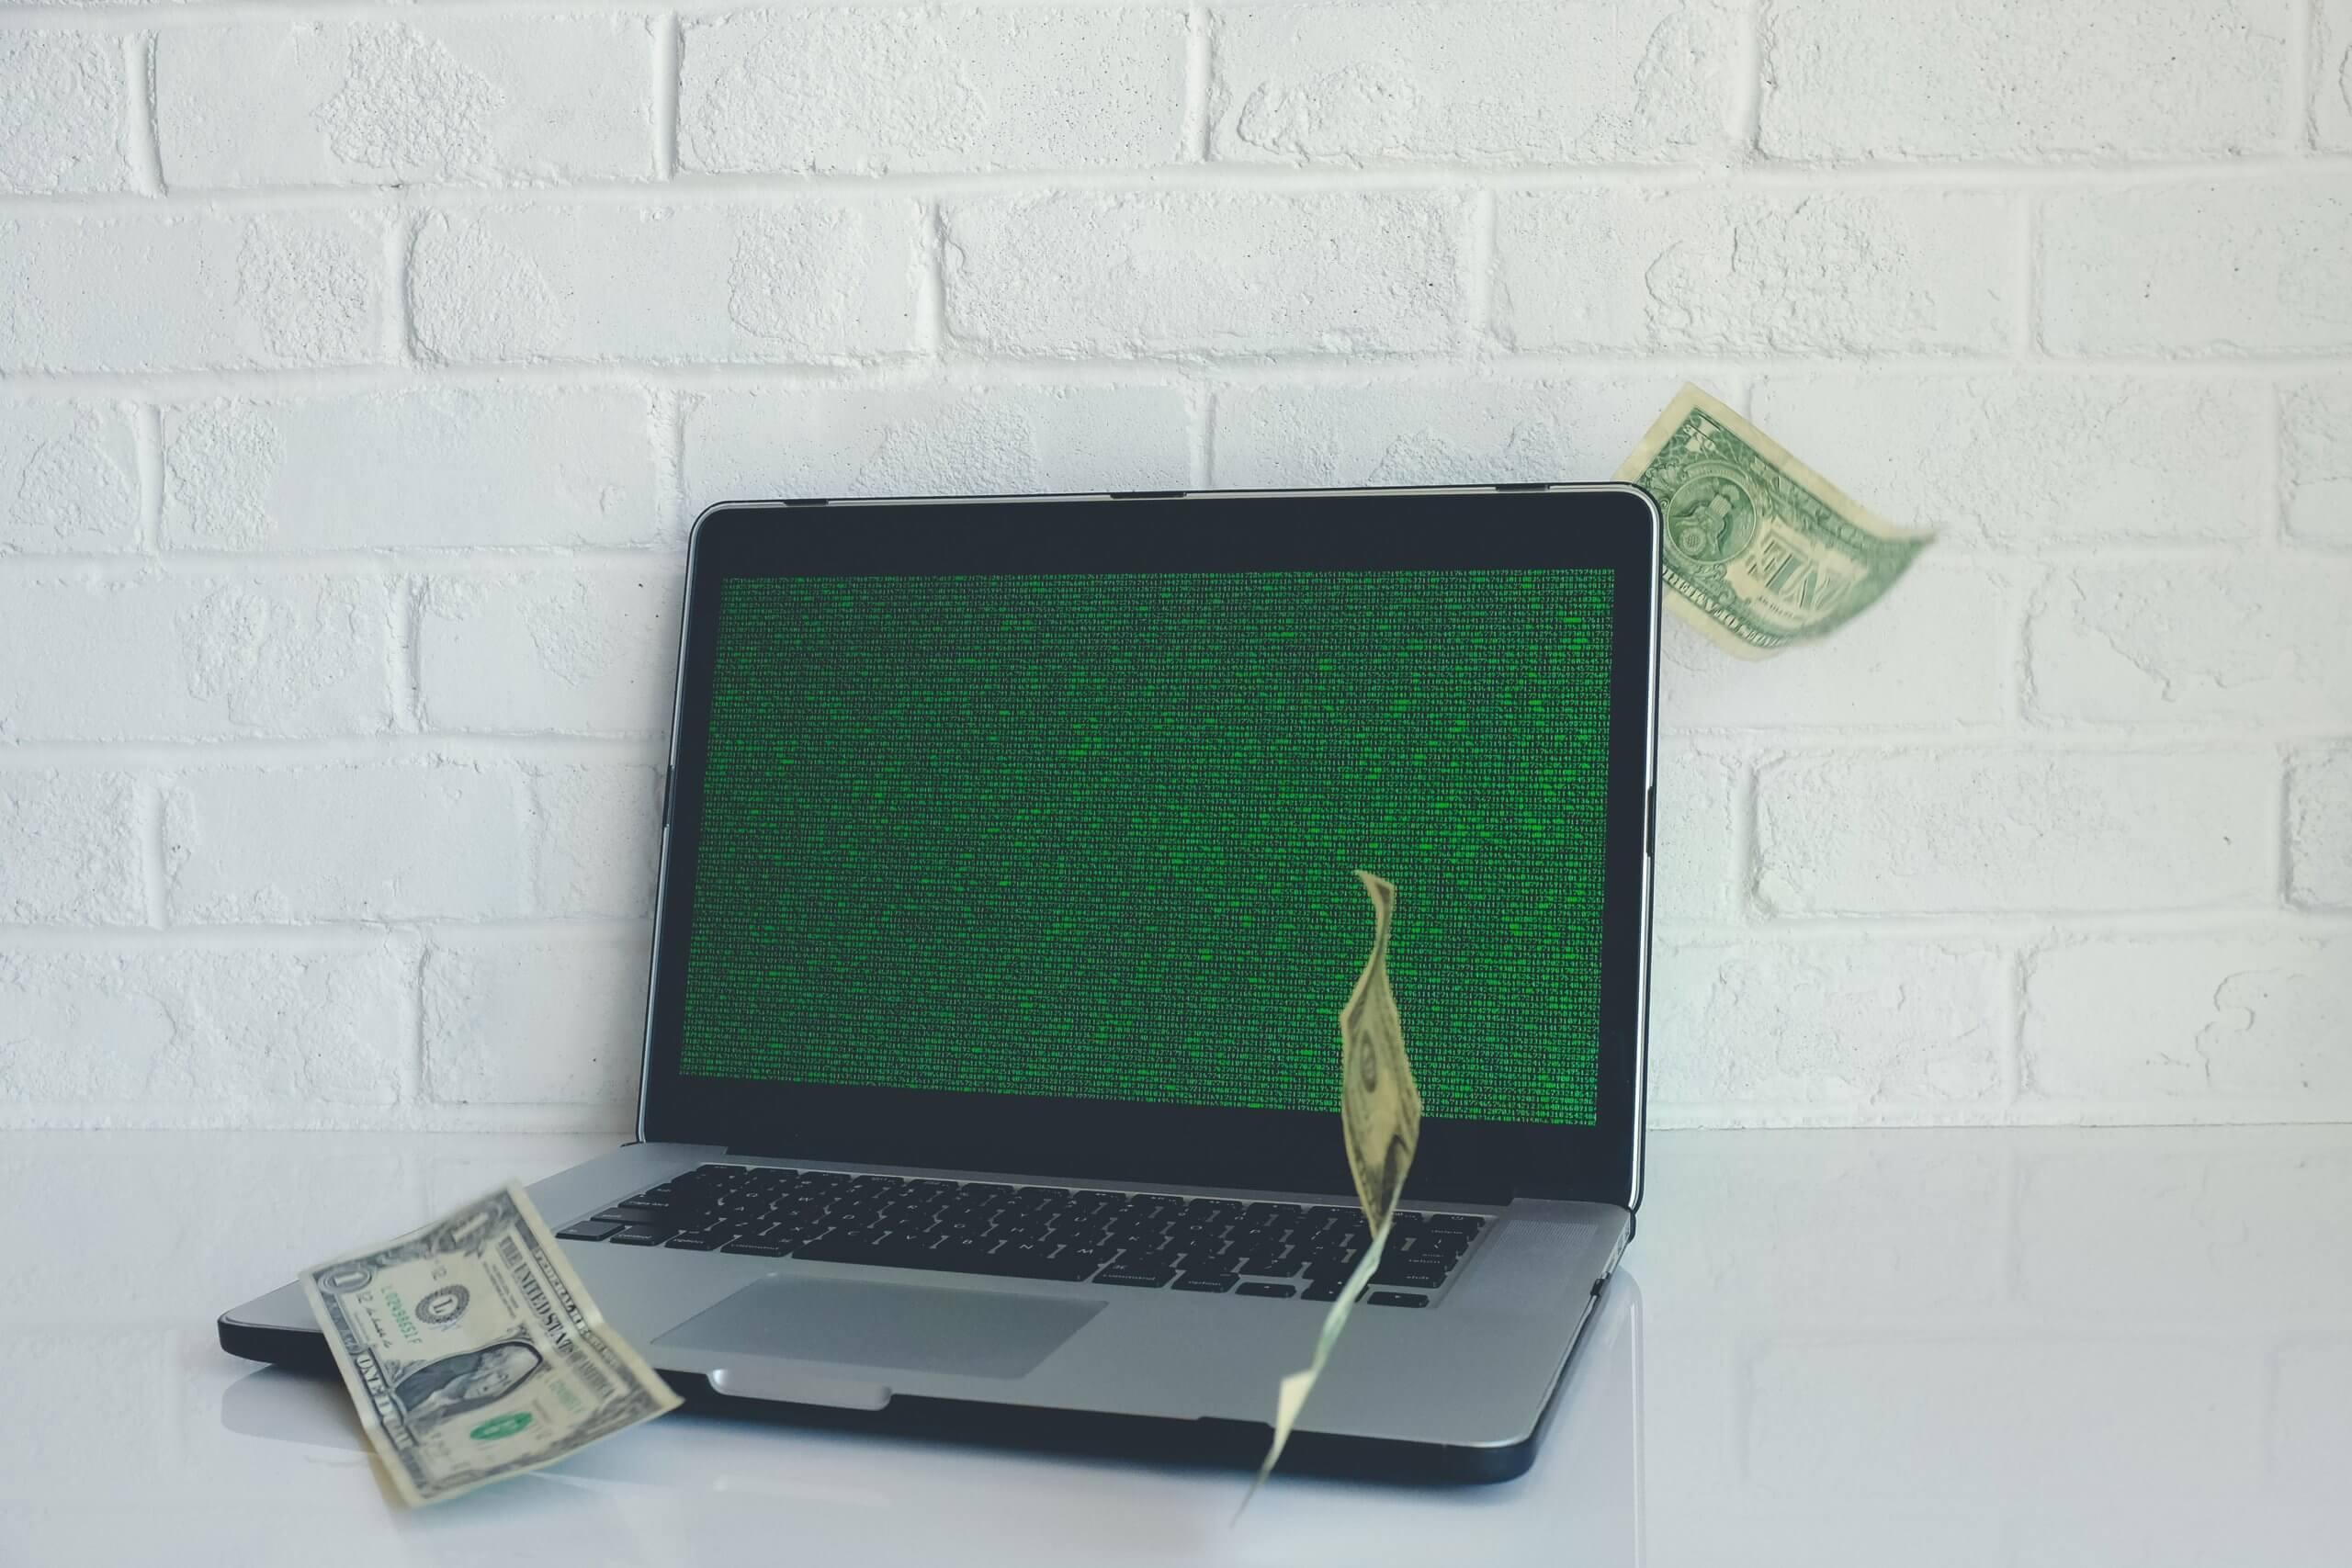 Det er nemmere at bruge digitale penge